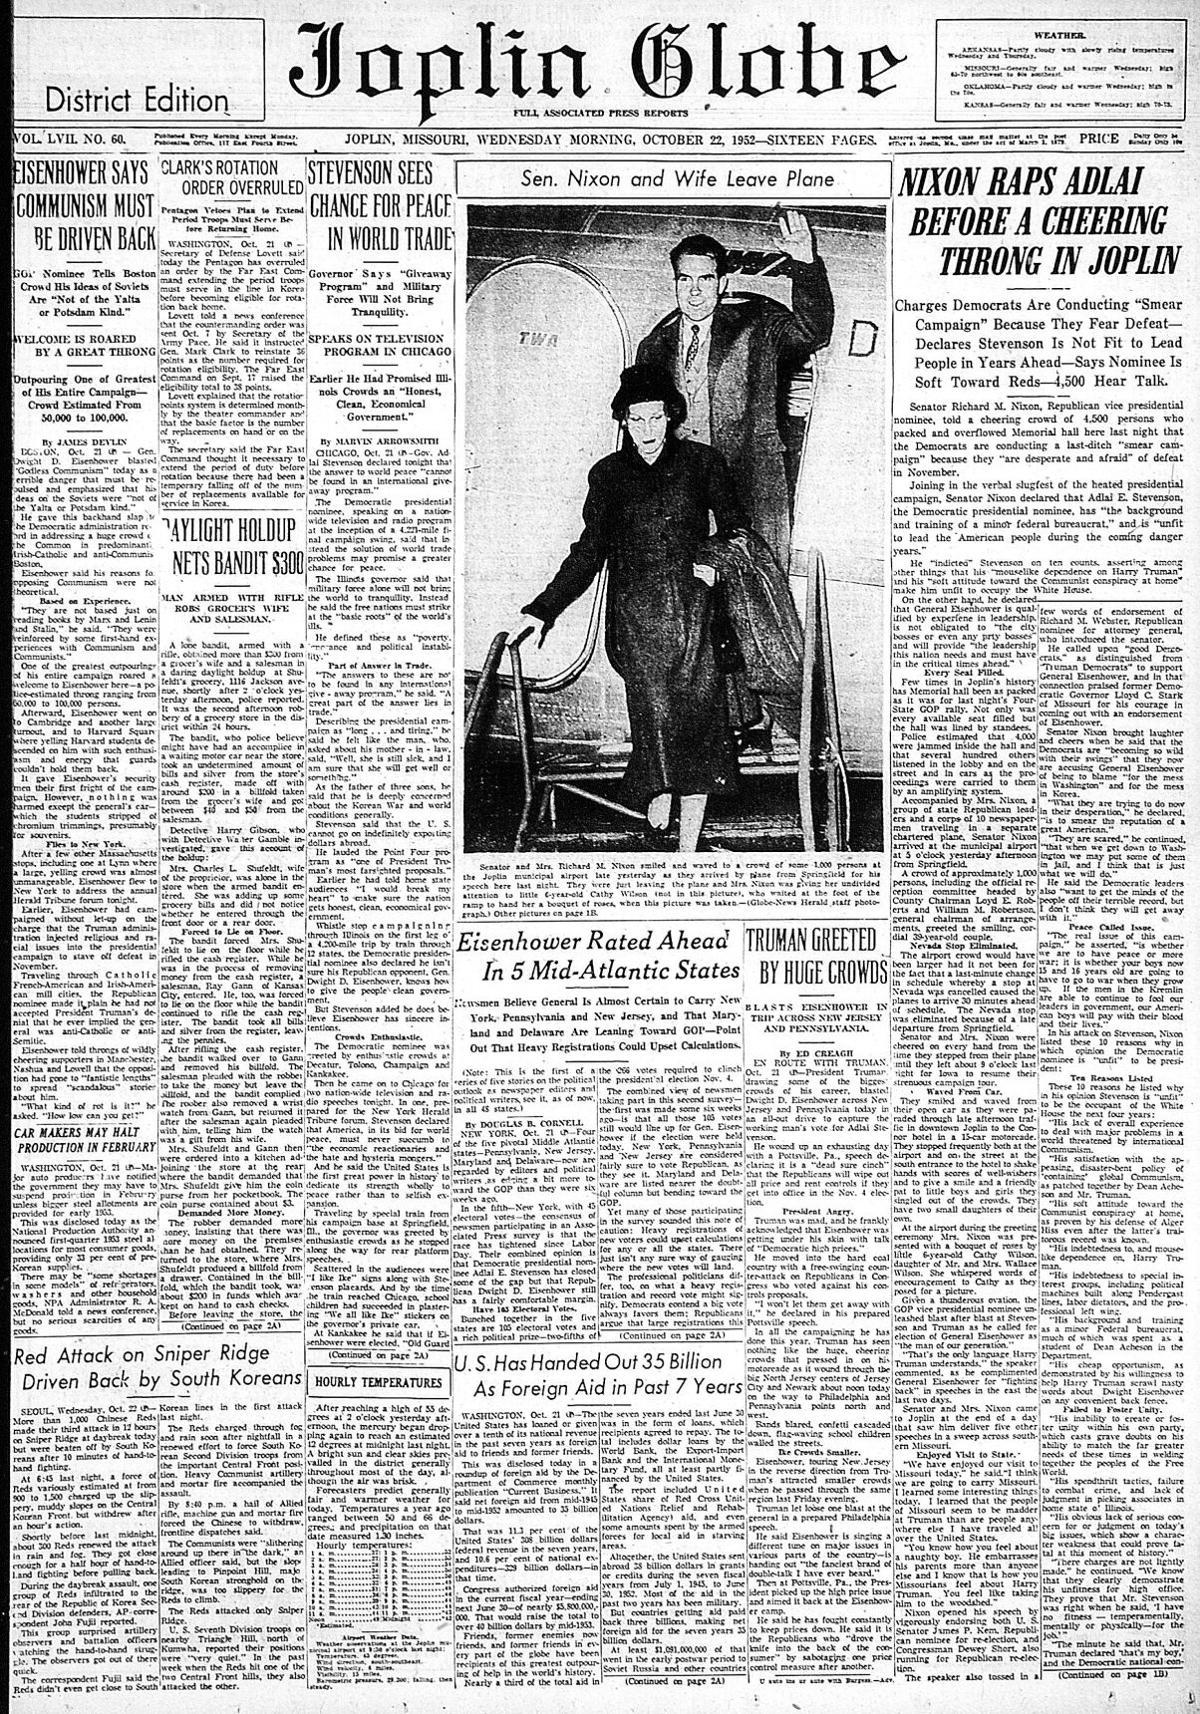 Oct. 22, 1952